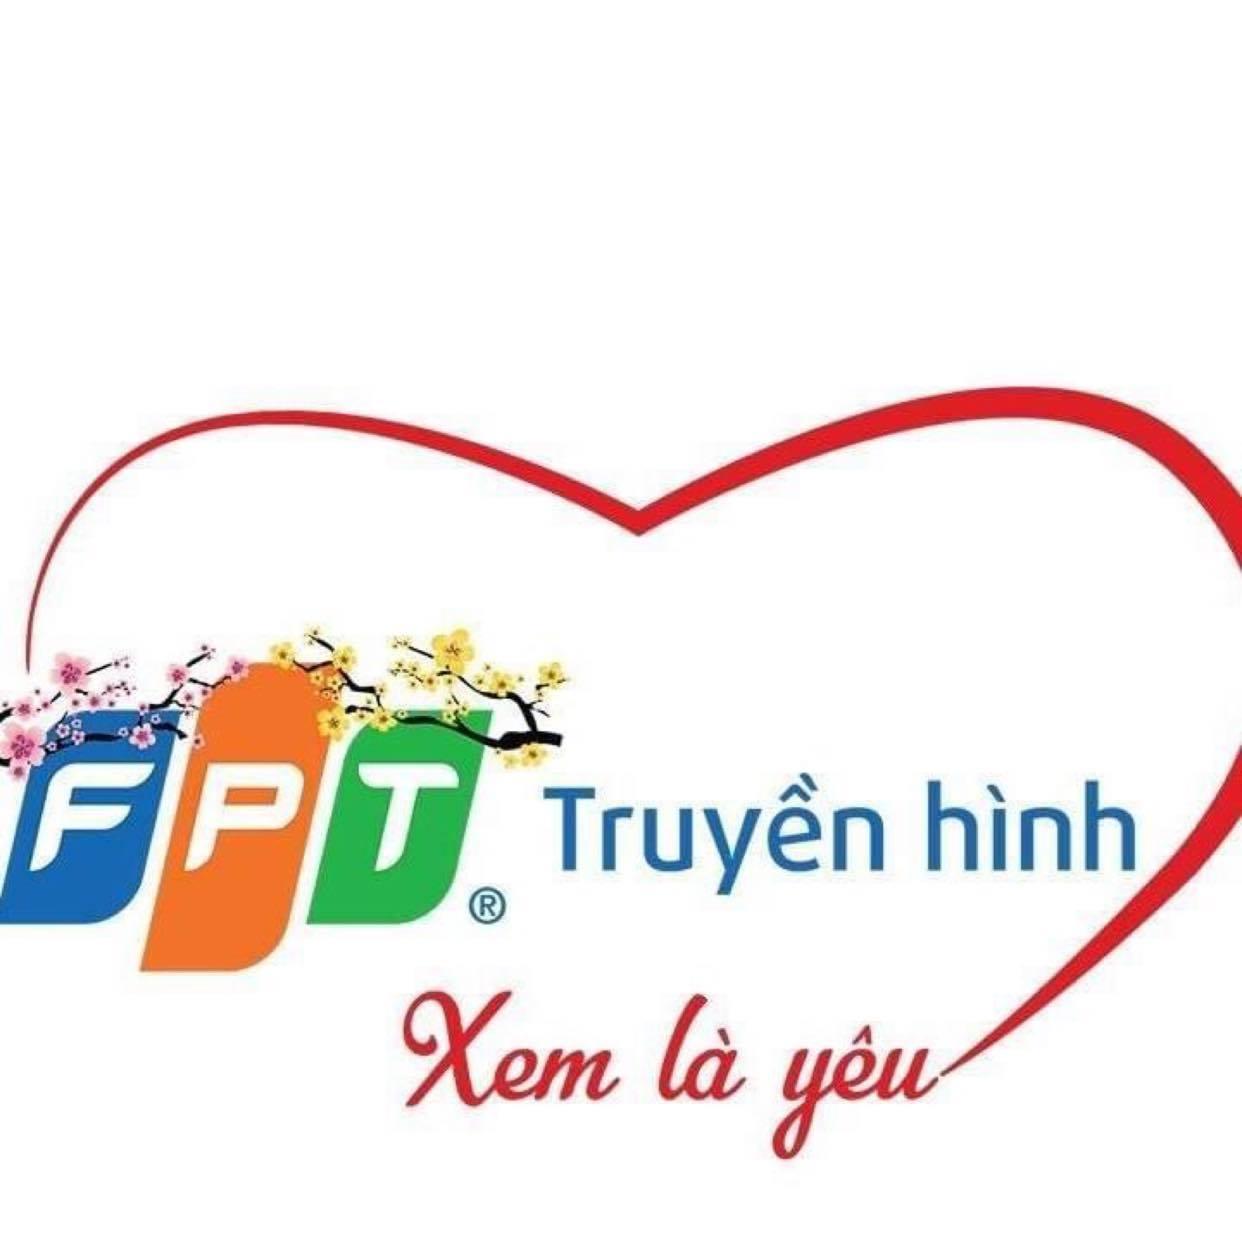 Truyền hình cáp FPT Quận Gò Vấp.